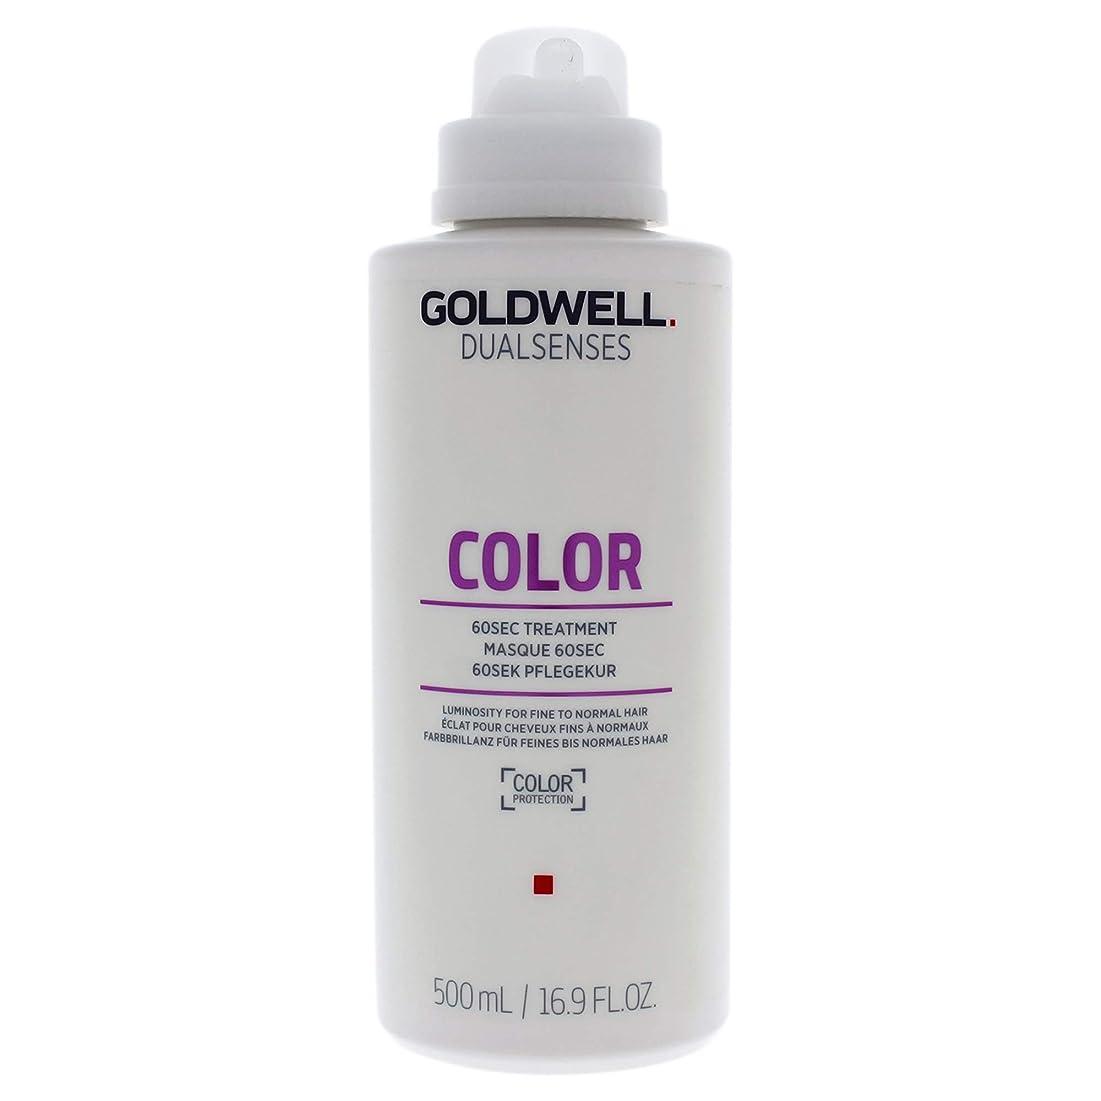 からに変化するそれにもかかわらず連続したGoldwell Dualsenses色の60秒トリートメント、16.9オンス